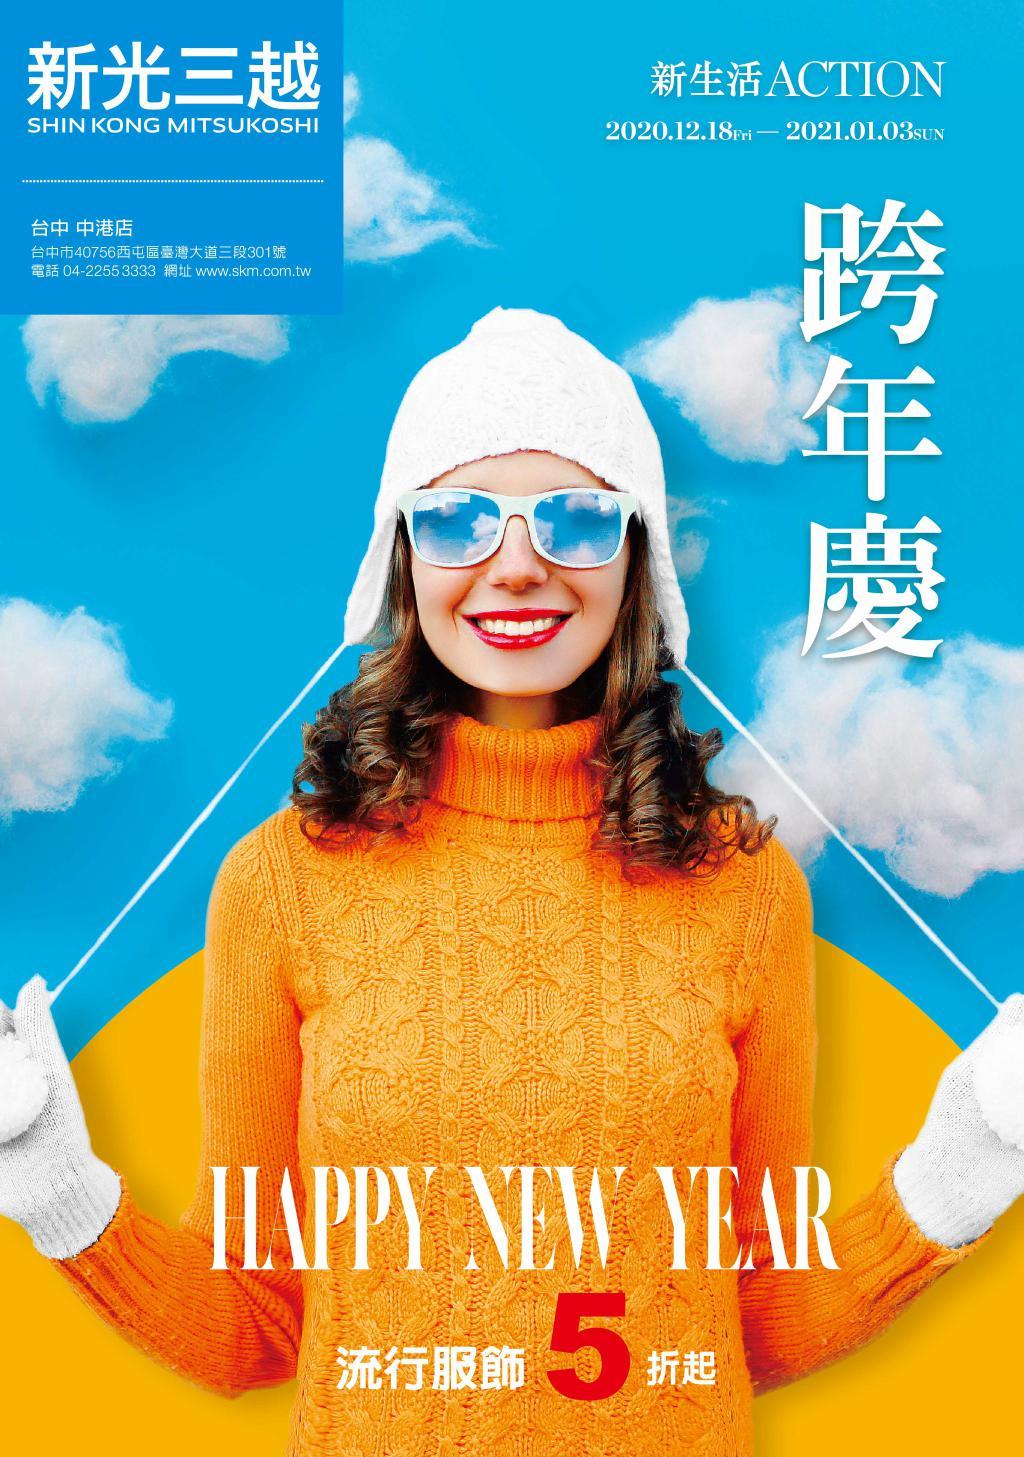 新光三越《台中中港店》DM 2020》2021 跨年慶 【2021/1/3 止】